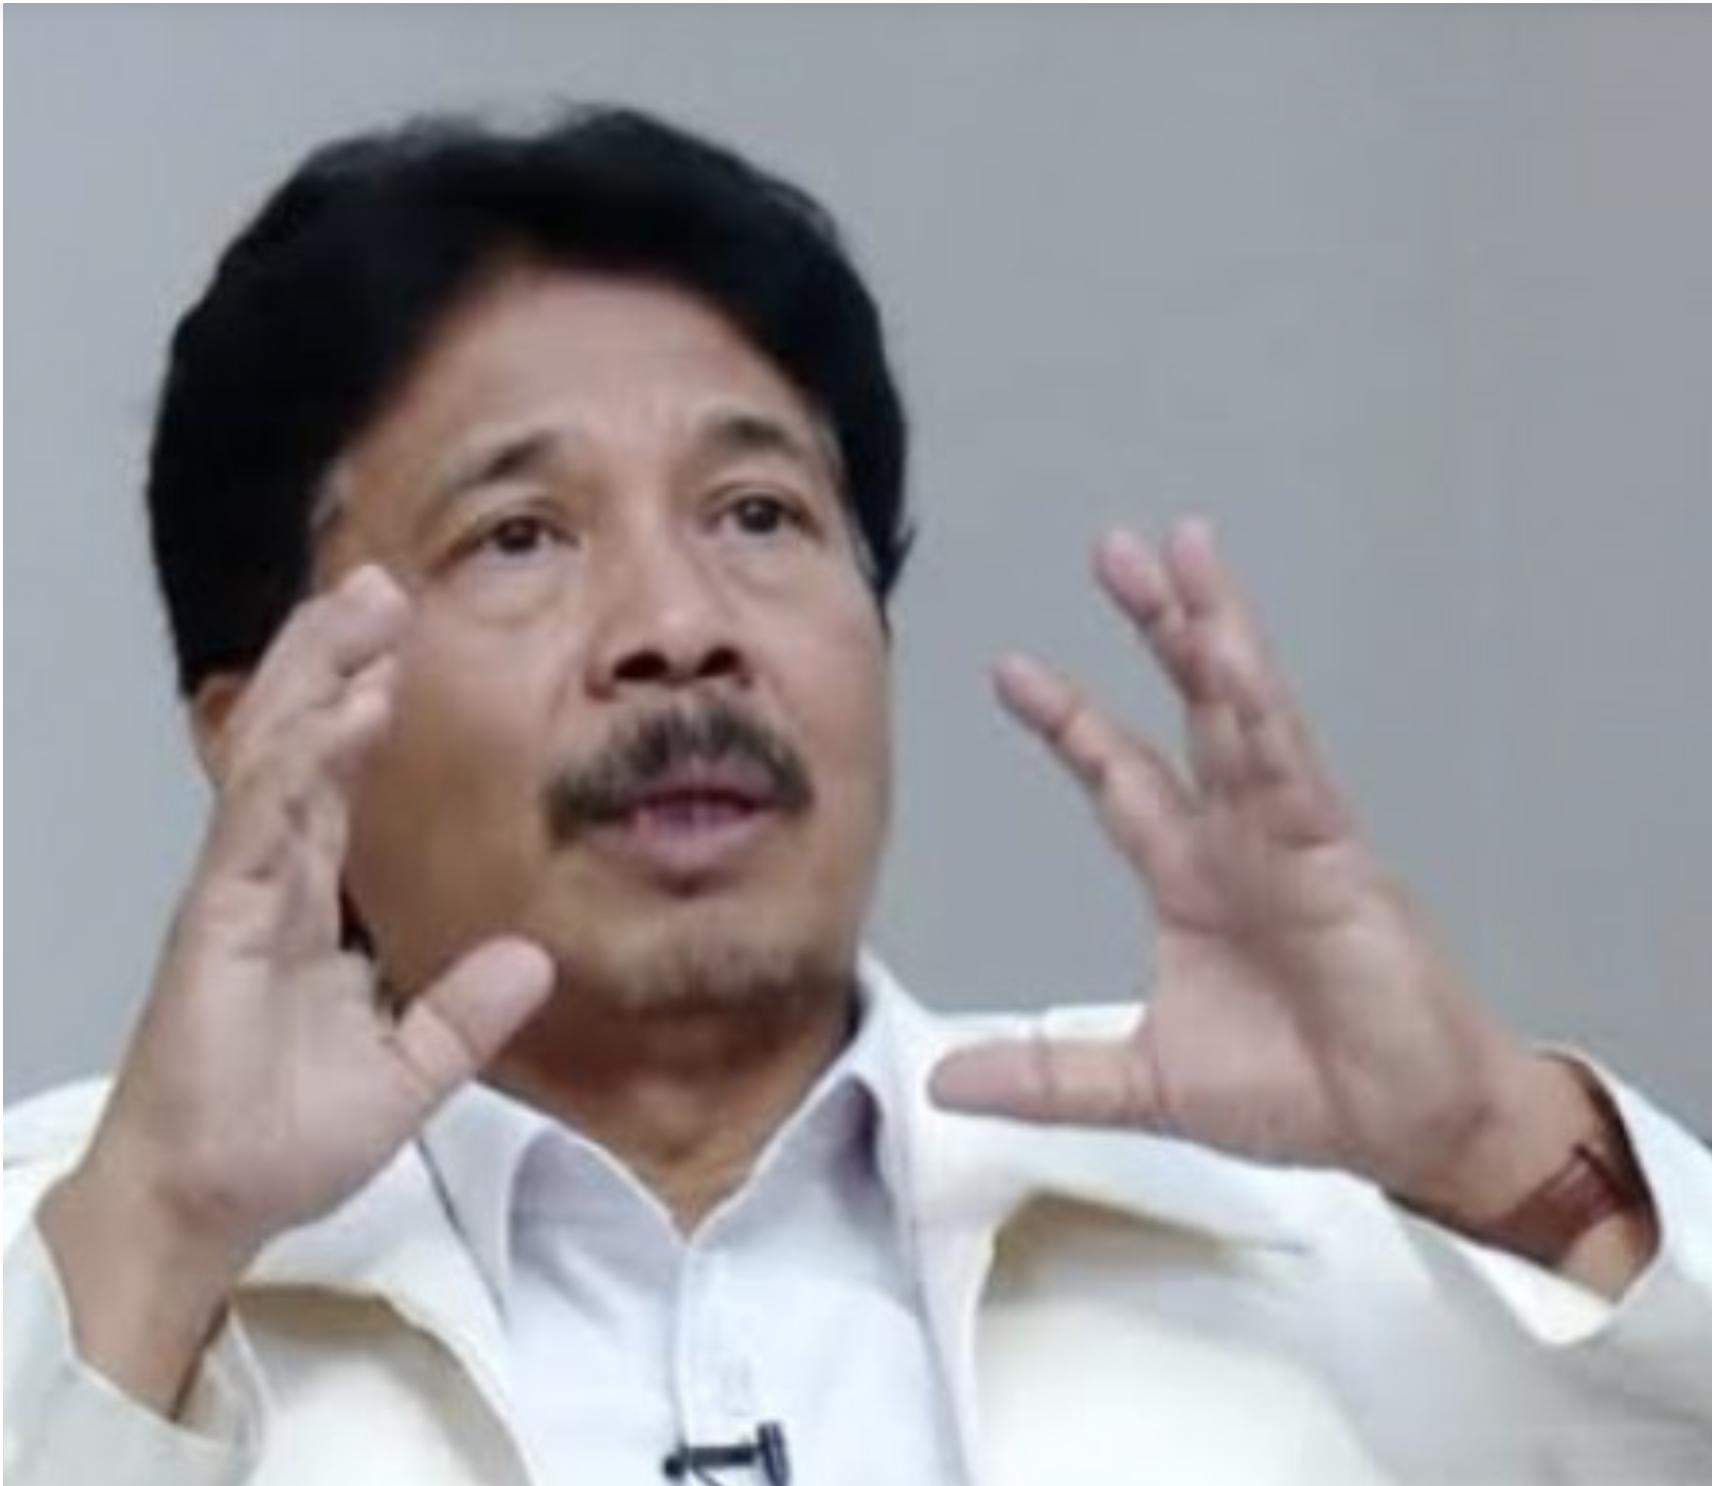 Yudian Wahyudi: Daya Tahan Pancasila Melebihi Ideologi Asing